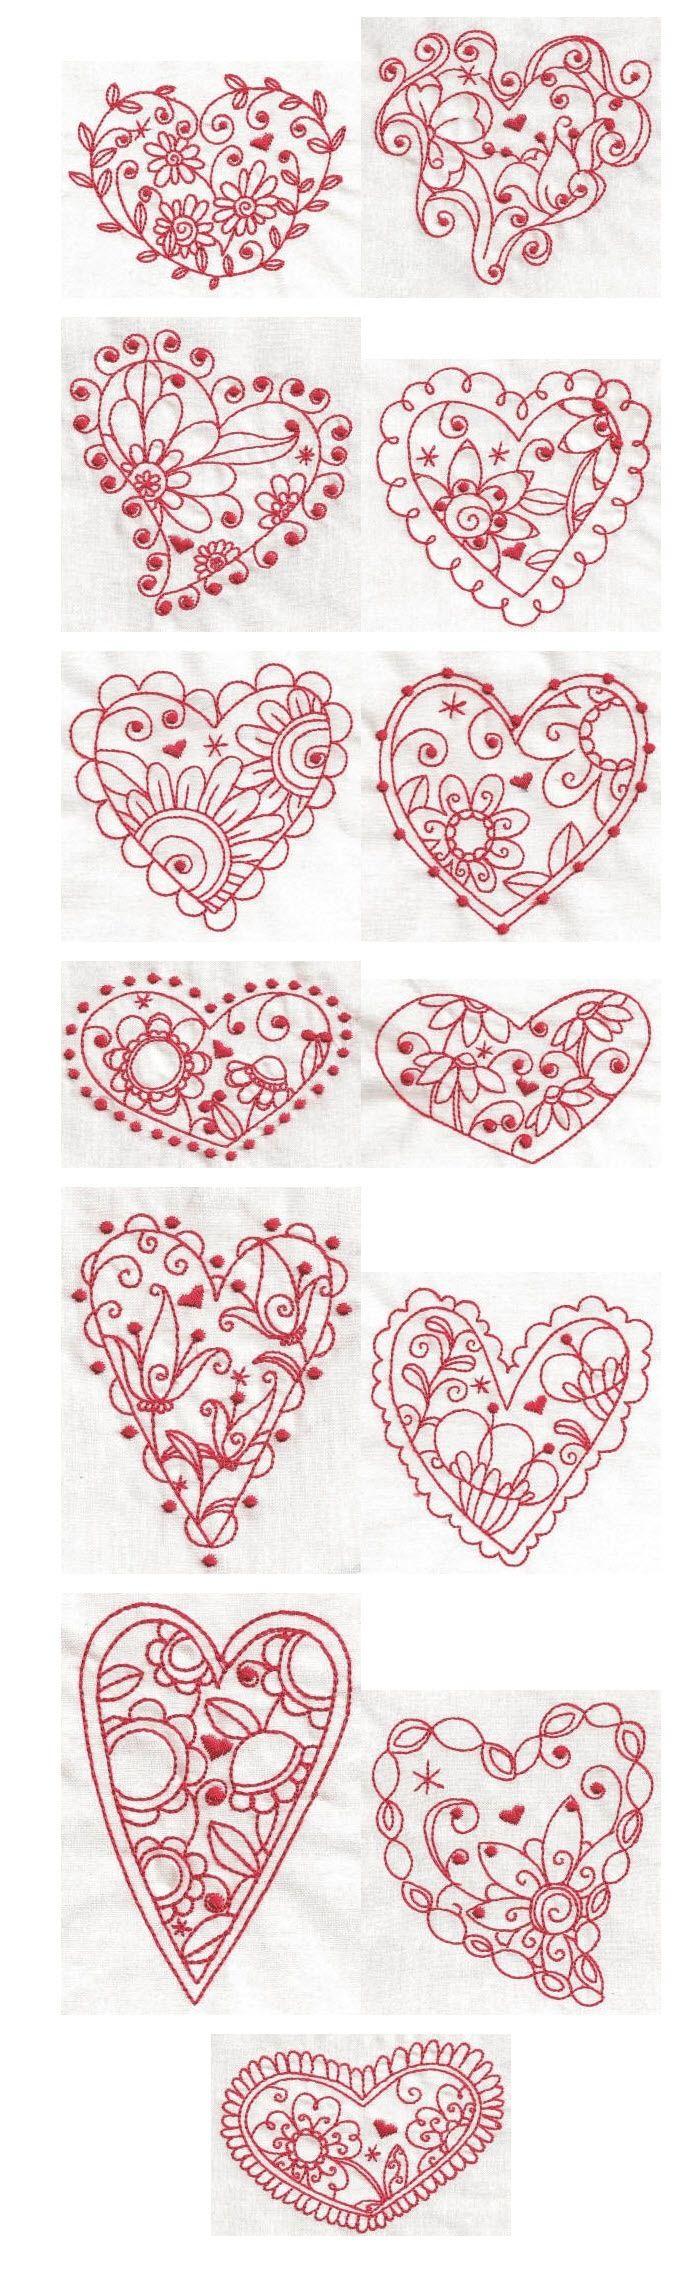 Redwork hearts